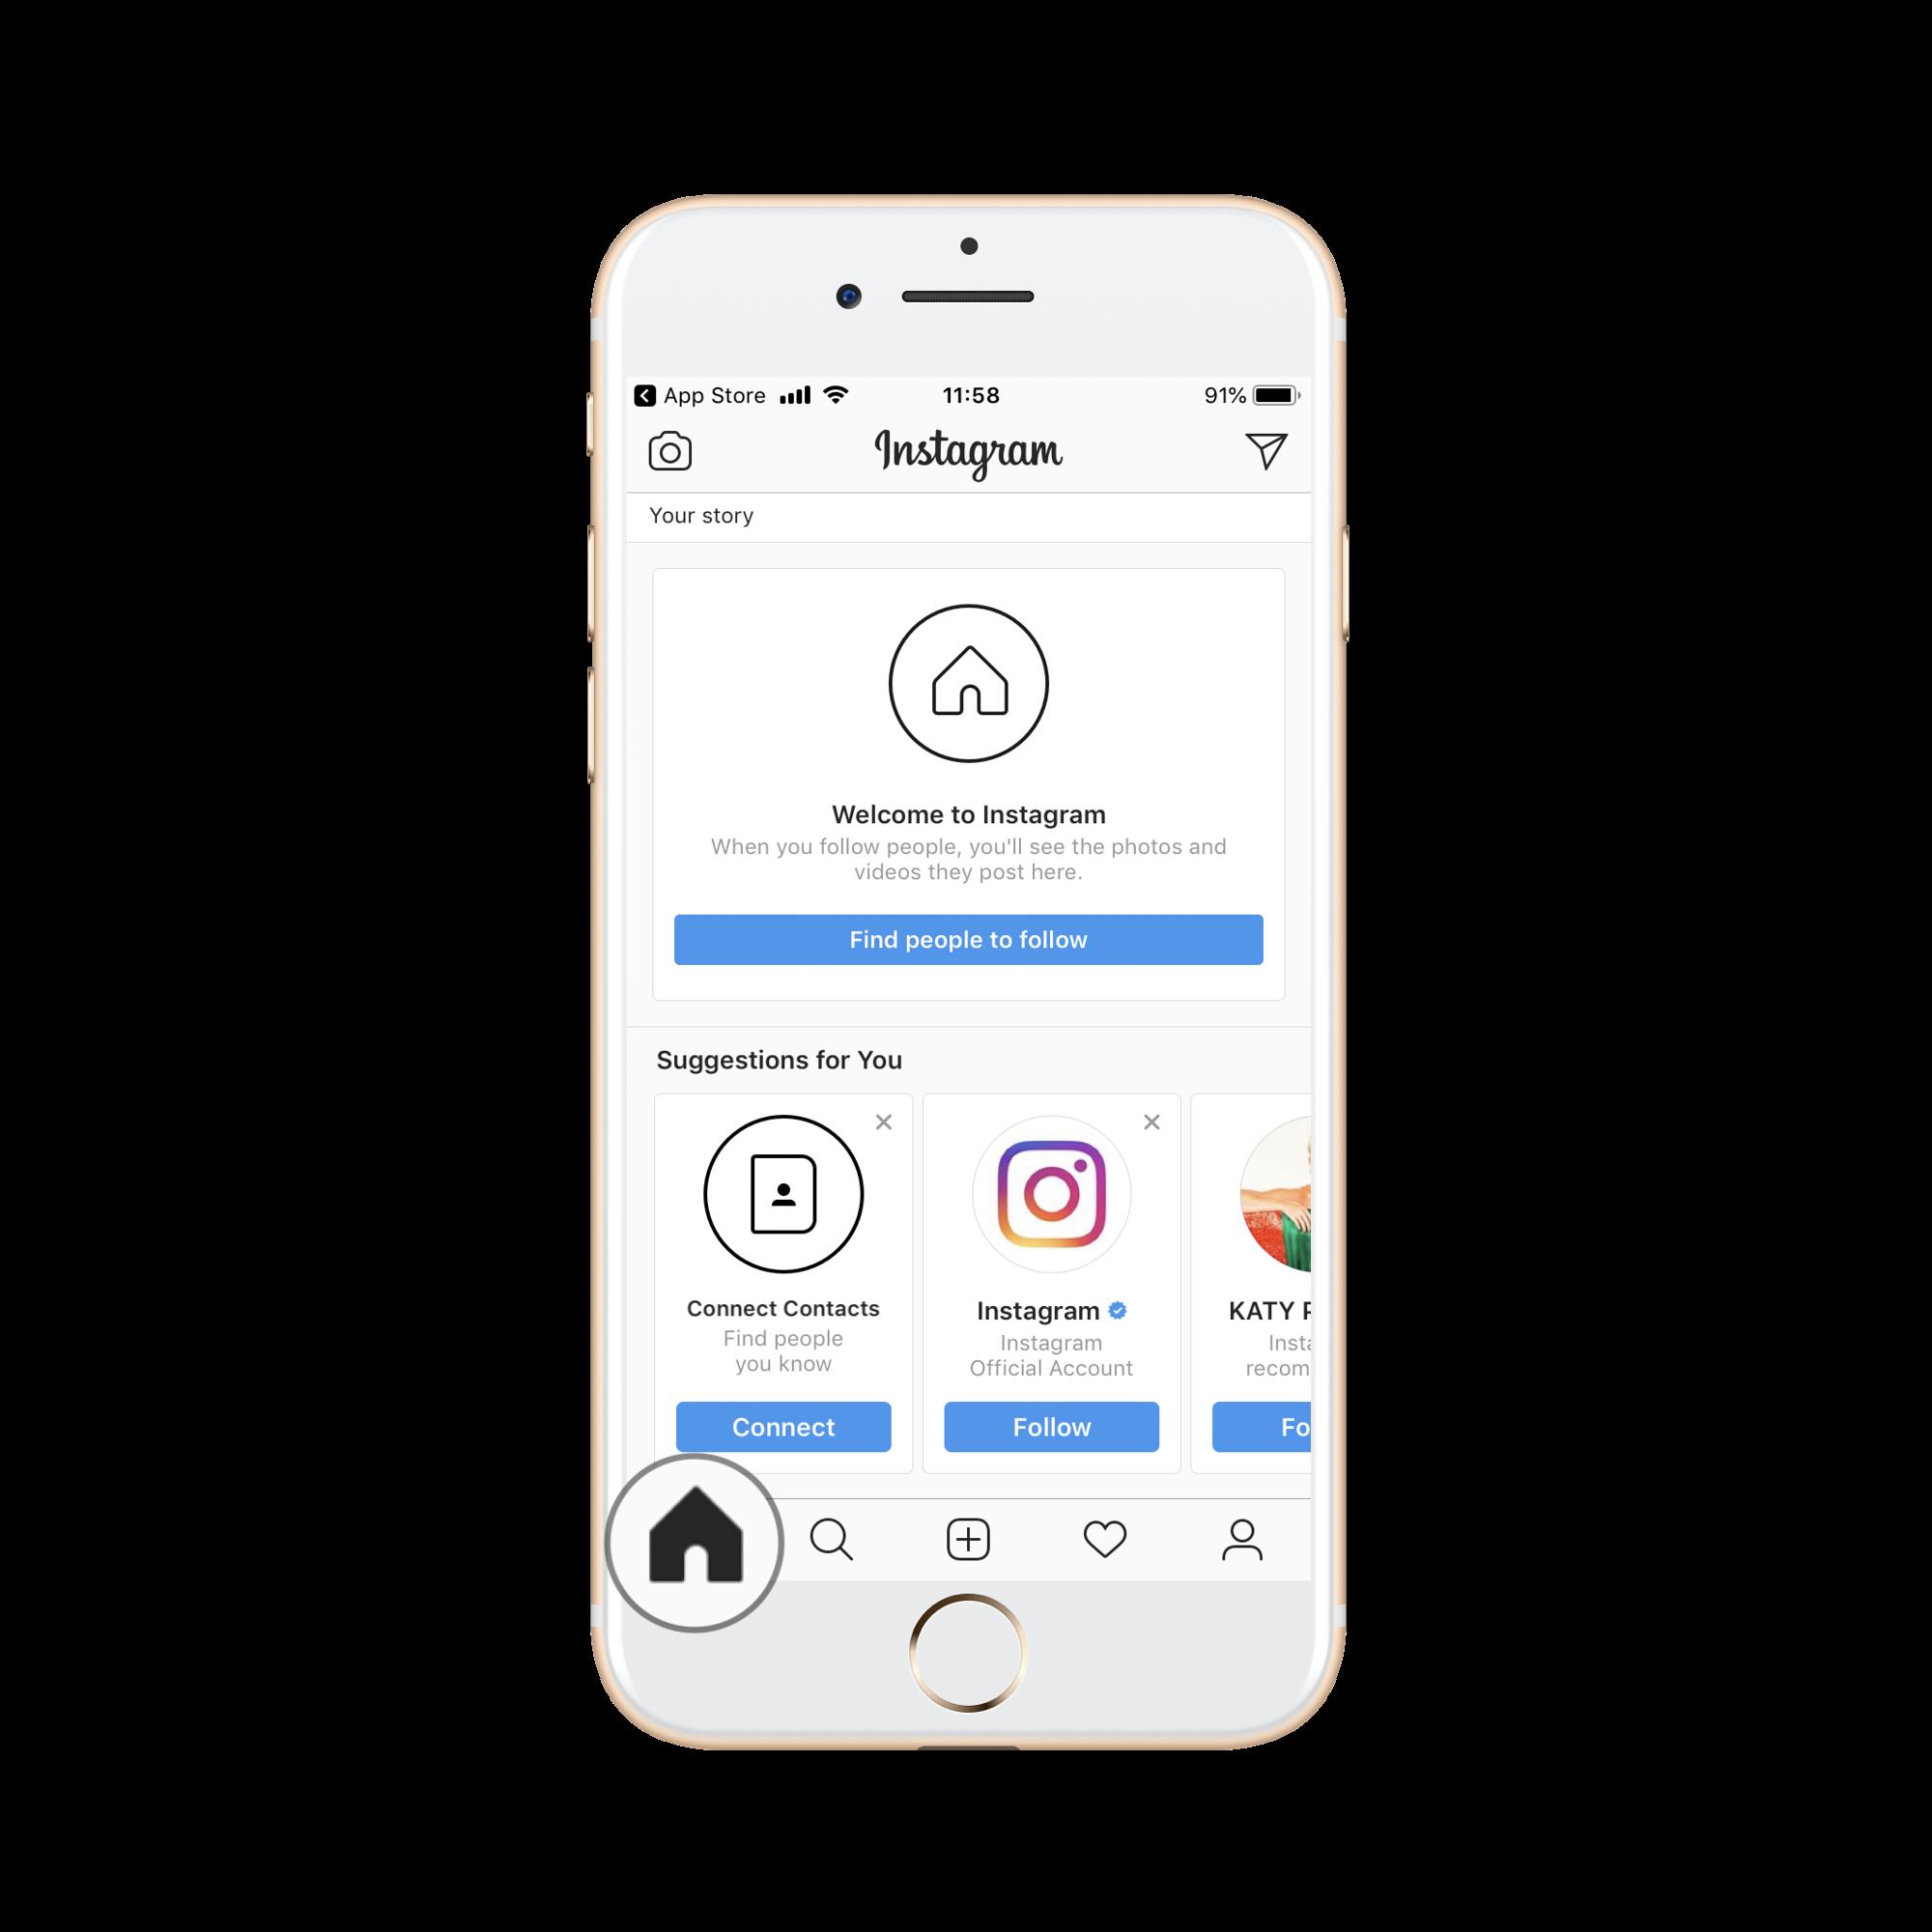 Dizajn stranica za pronalazak profila